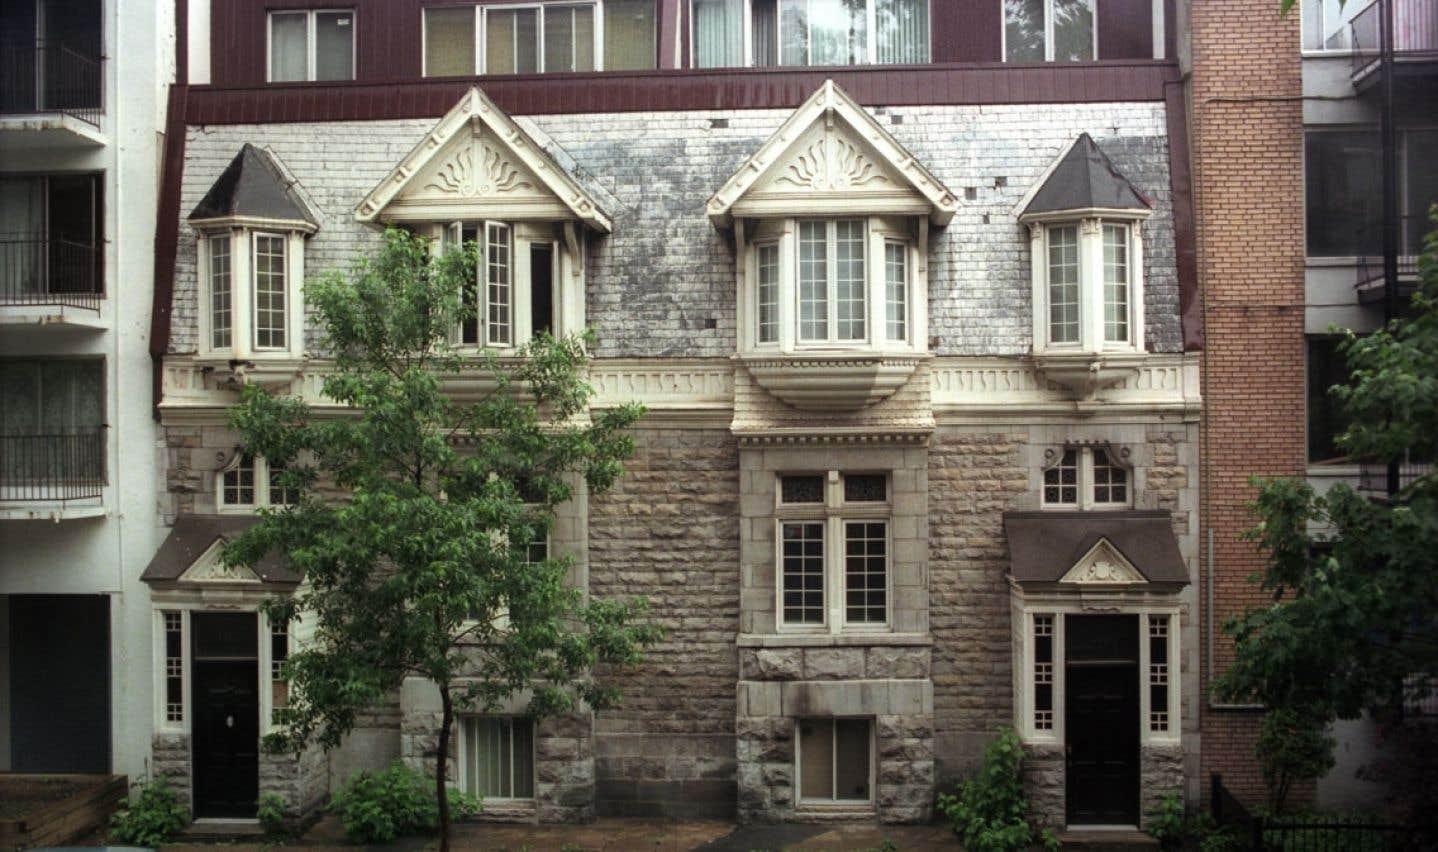 La notion de préservation du patrimoine n'étant pas en vogue depuis longtemps, on retrouve des rues à Montréal qui manquent de cohérence sur le plan architectural.